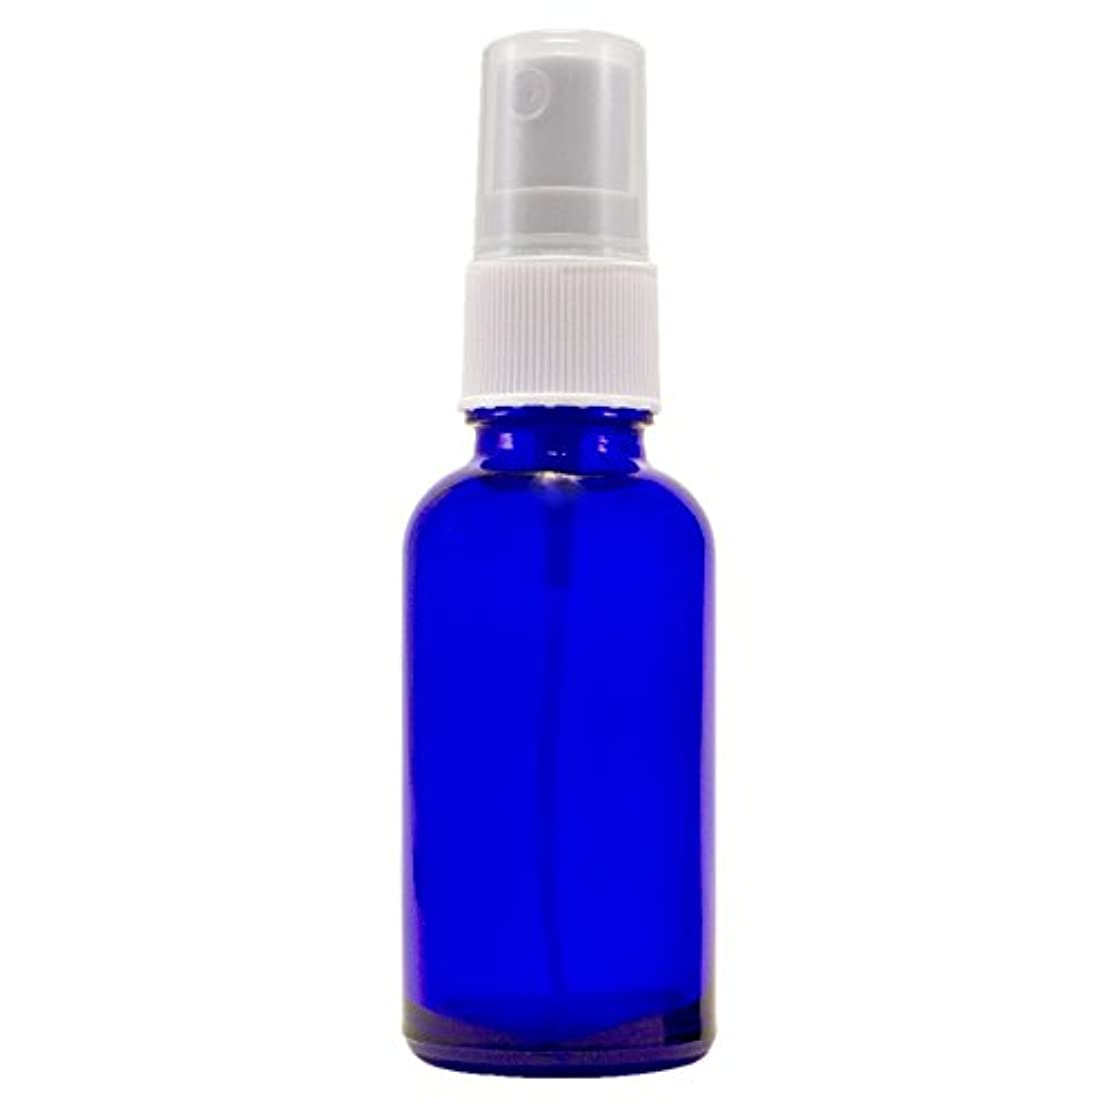 モチーフカテゴリーバルーンWyndmere Naturals - Glass Bottle W/mist Sprayer 4oz, 1 Bottles (1) by Wyndmere Naturals